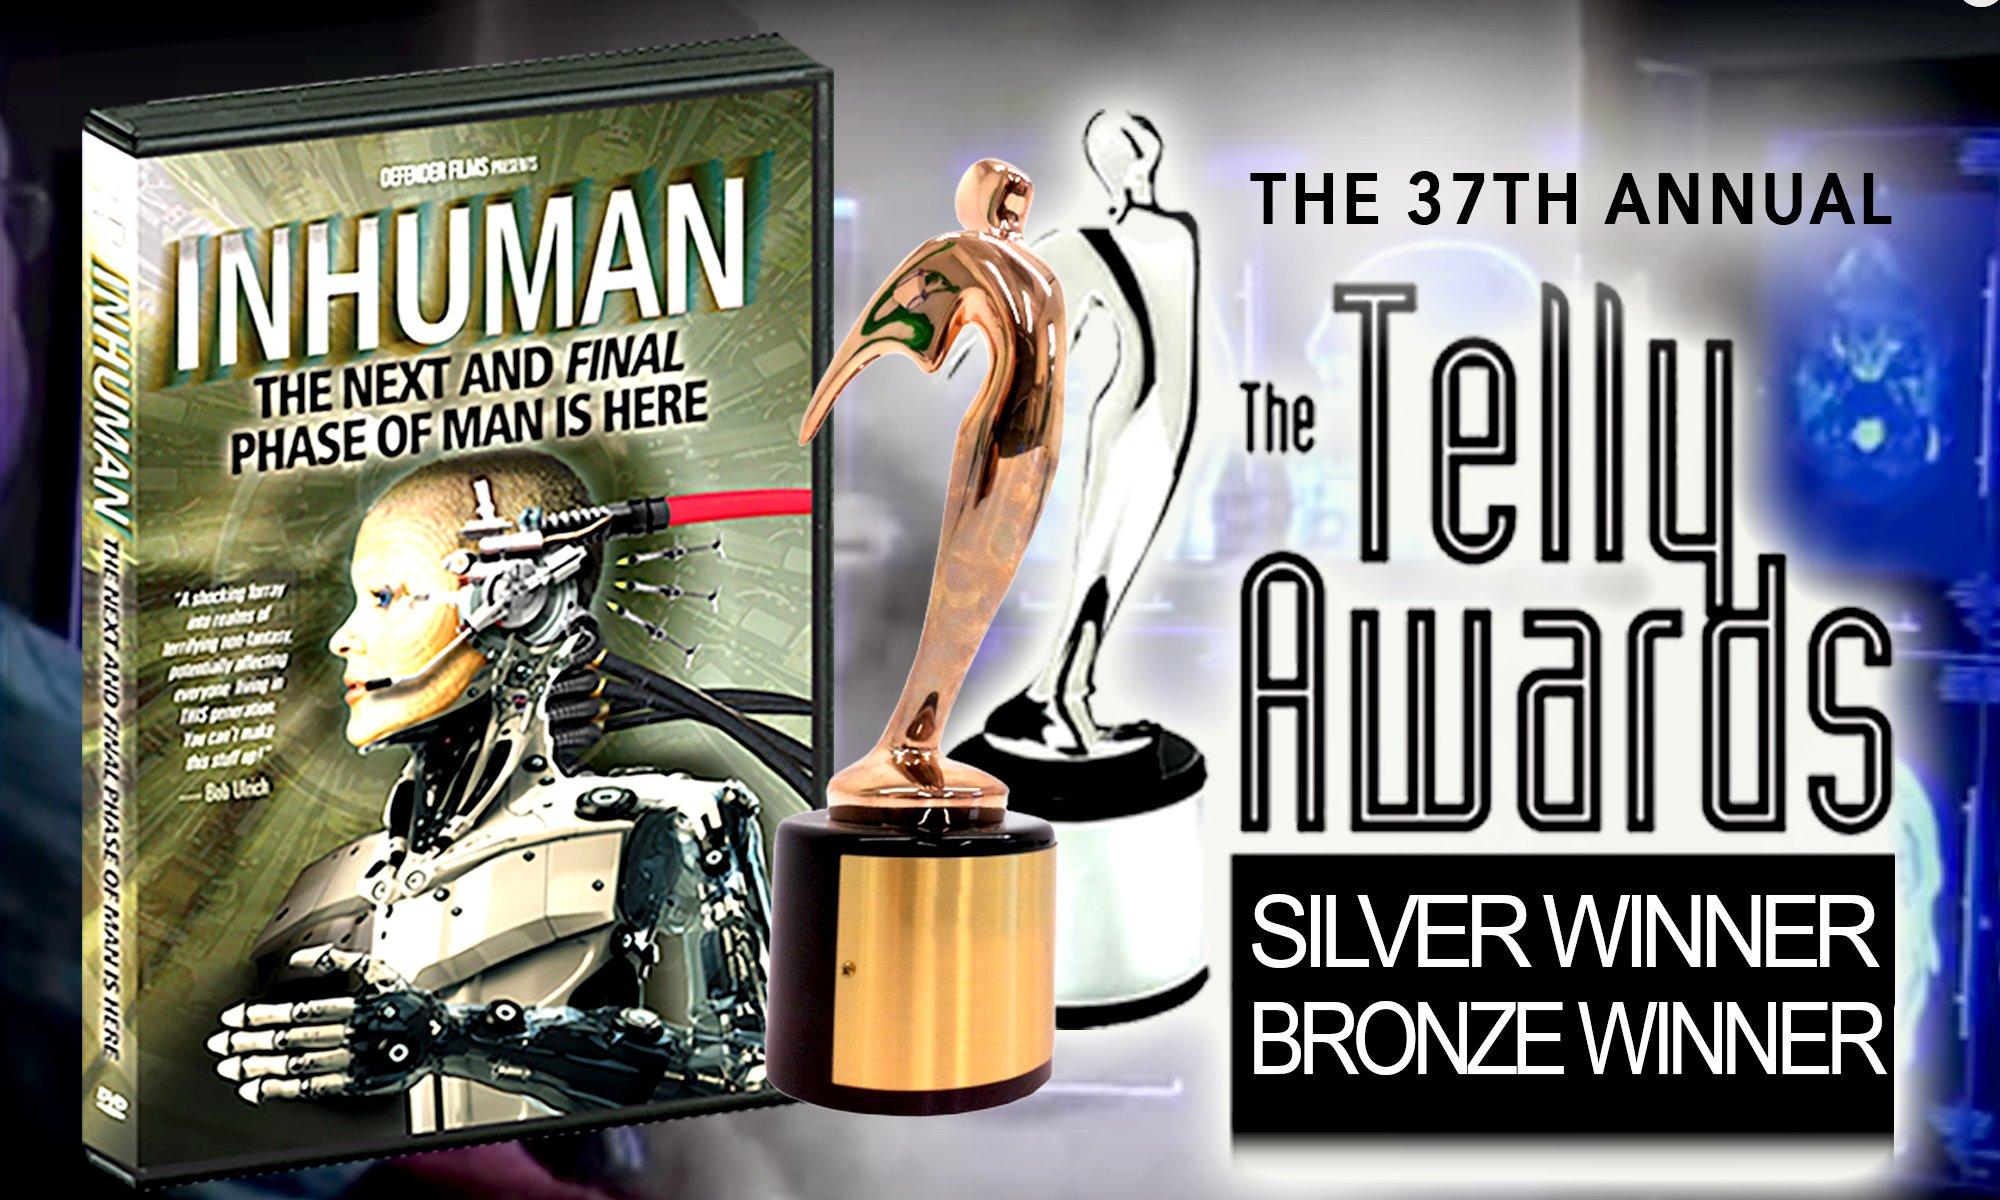 Inhuman: The Movie